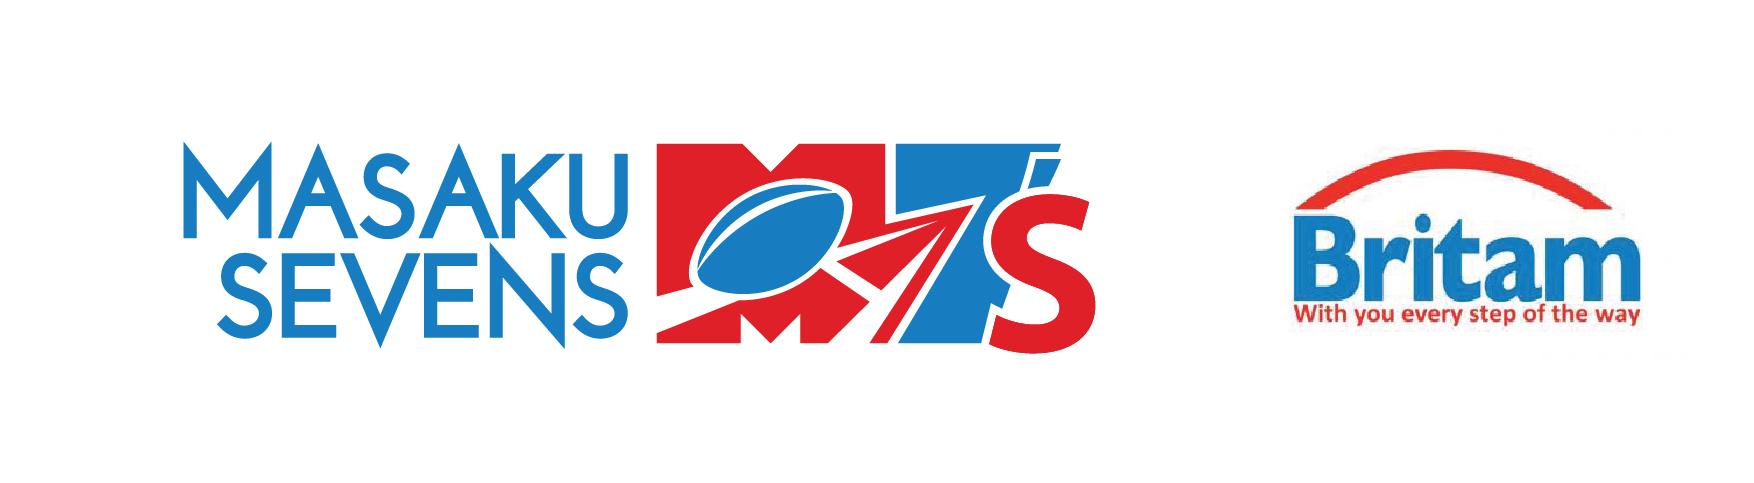 Masaku Sevens Logo 1-04